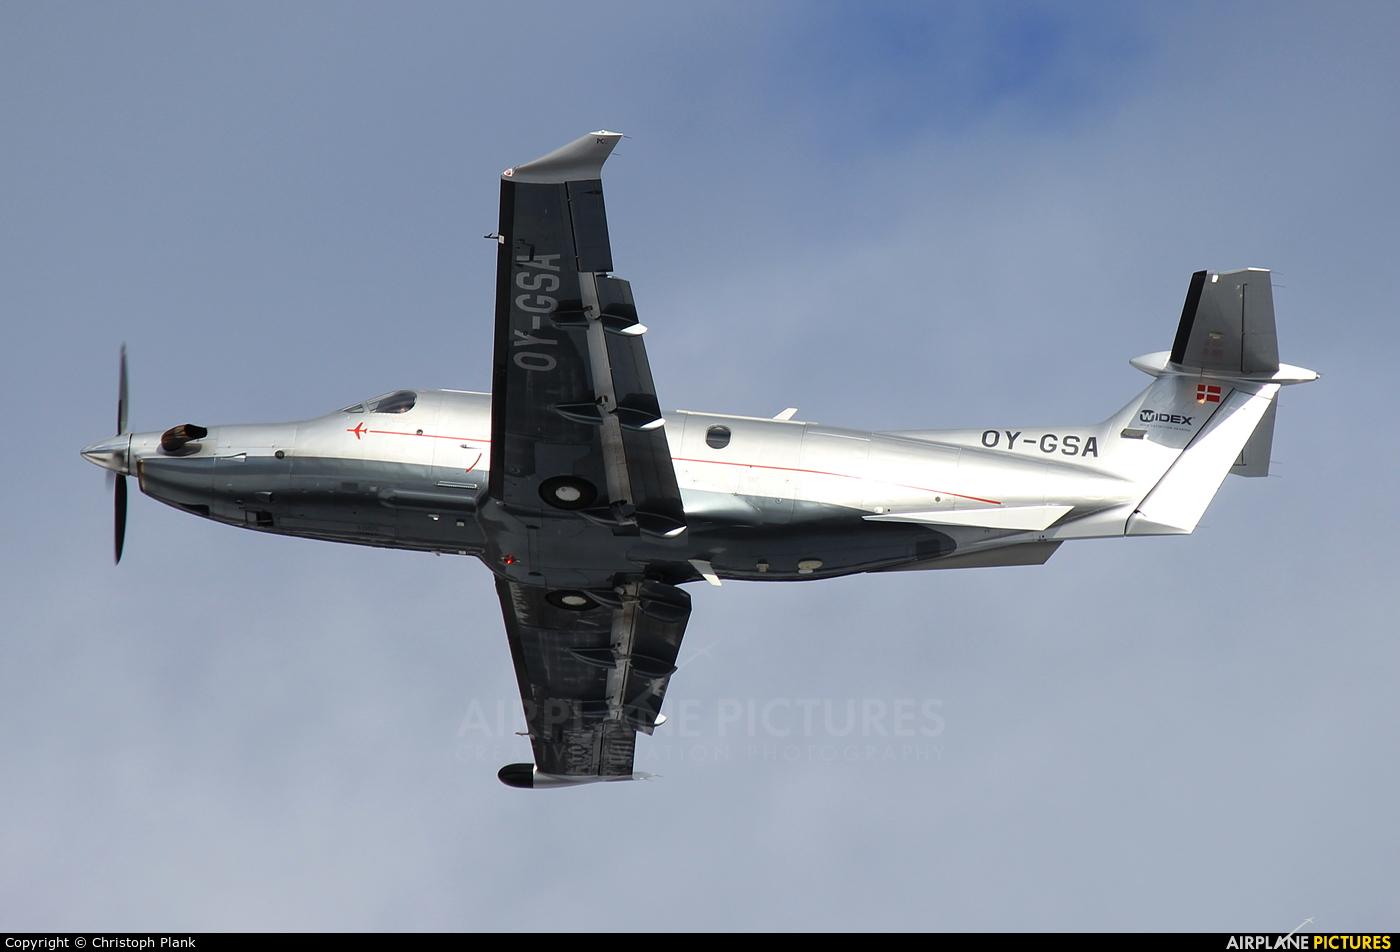 Widex OY-GSA aircraft at Innsbruck